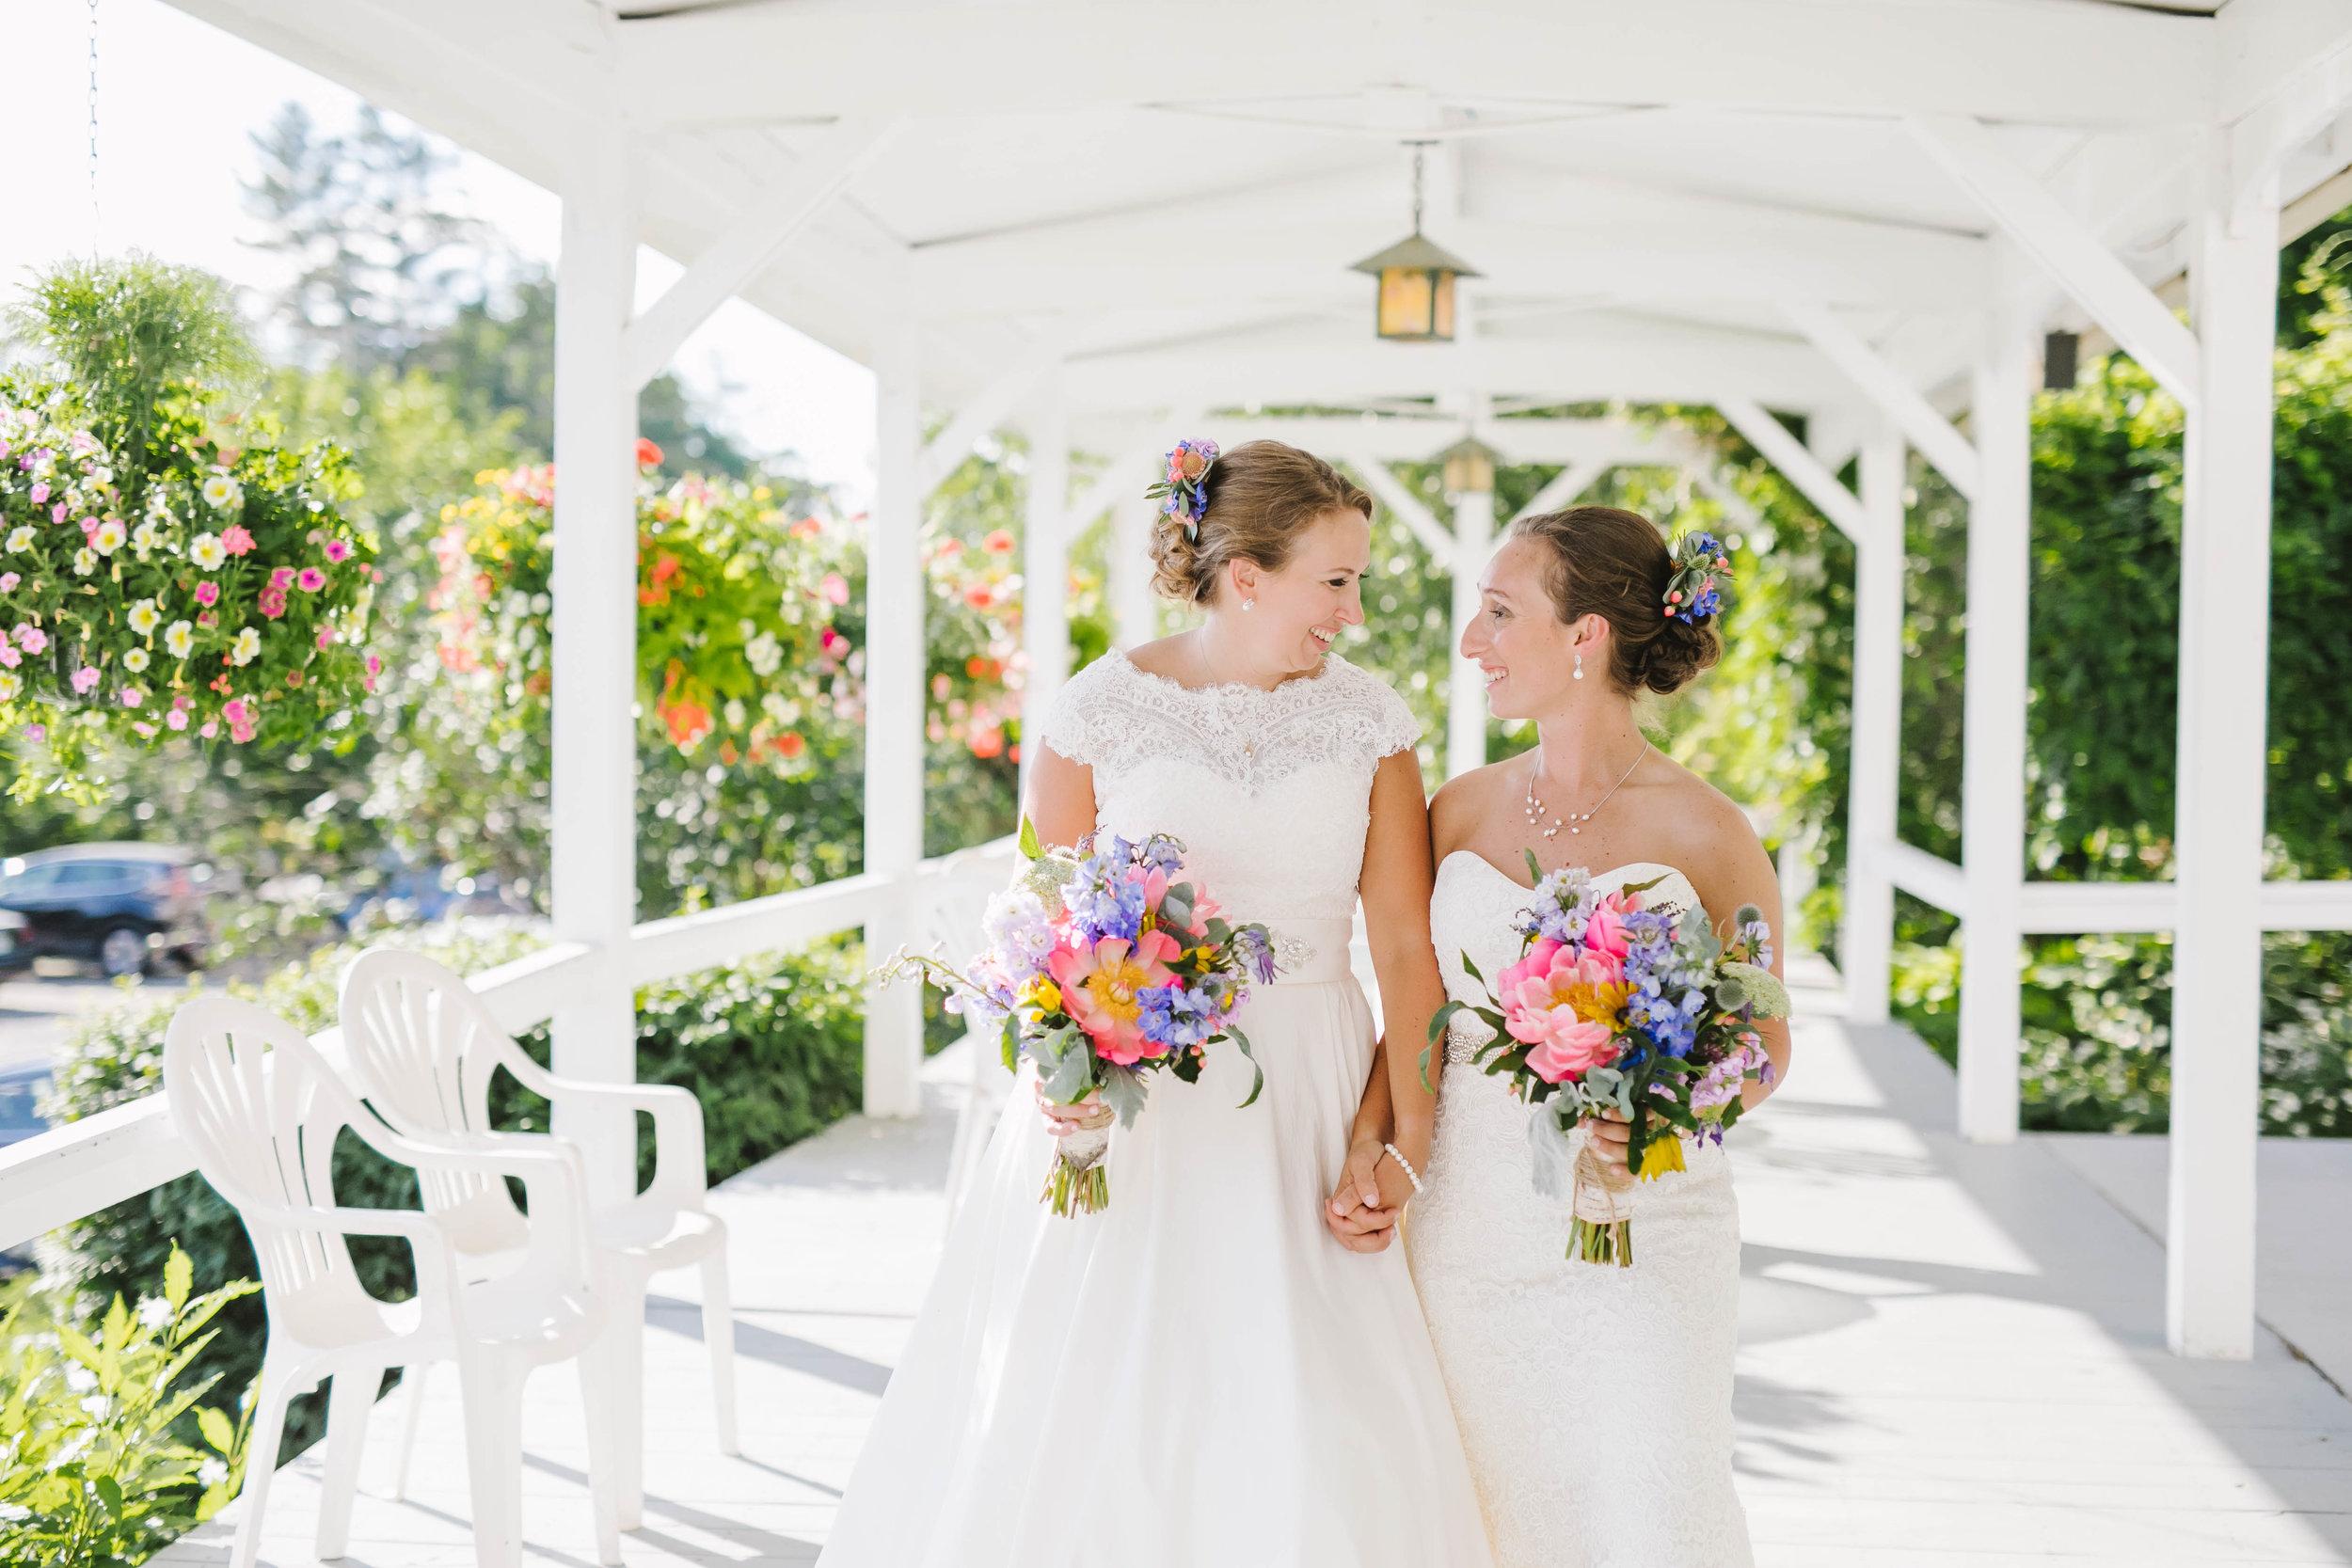 Wedding at Inn at Newfound Lake Bristol RI Kate and Kate-12.jpg